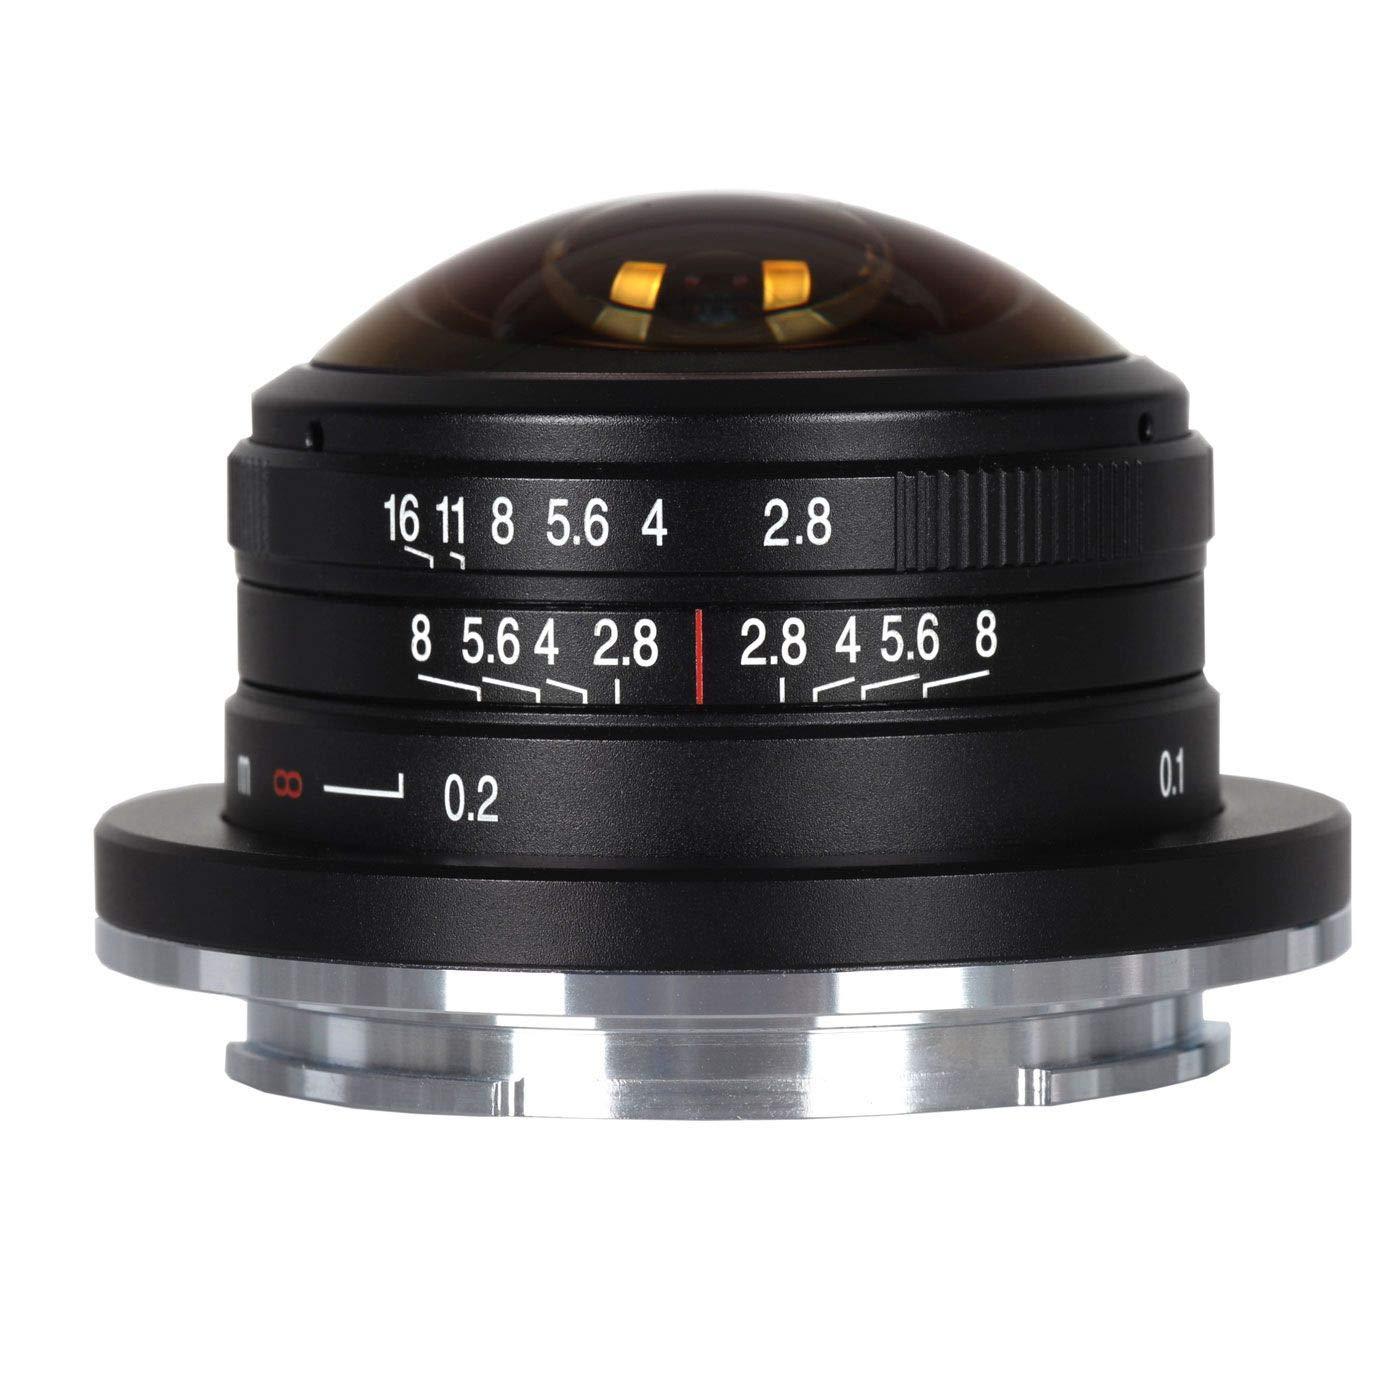 LAOWA 4MM F2.8 MFT FE Fuji X